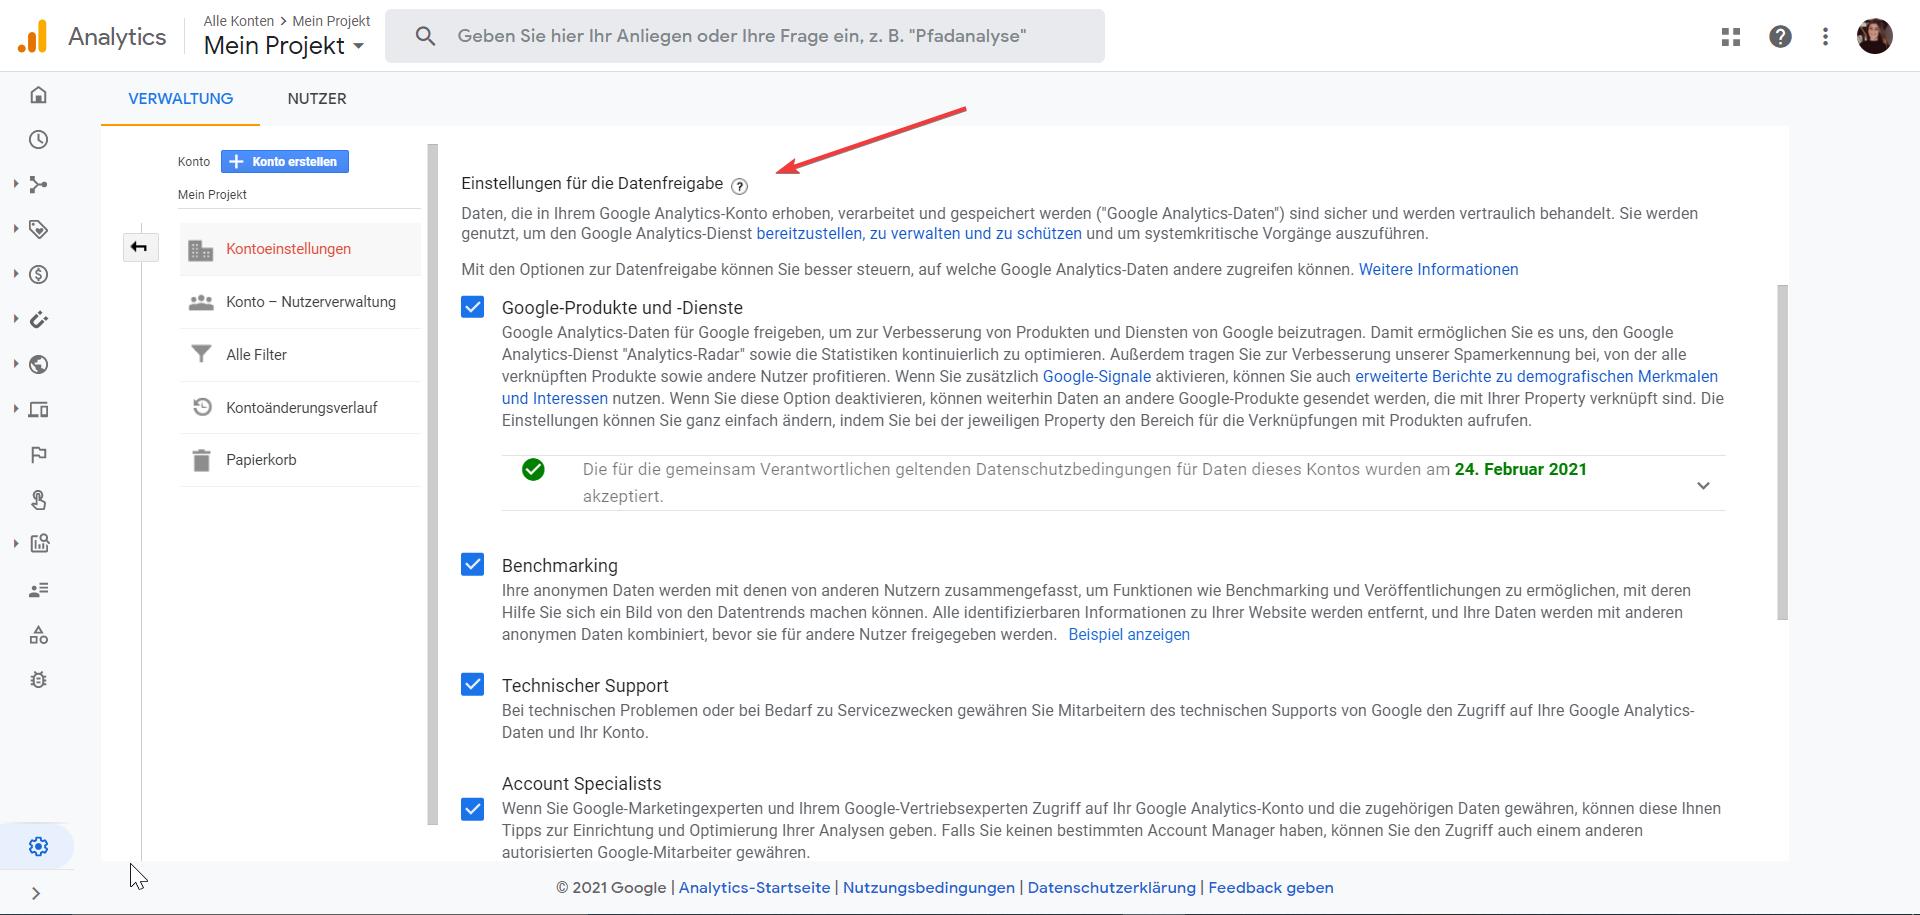 Google Analytics - Data Sharing Settings